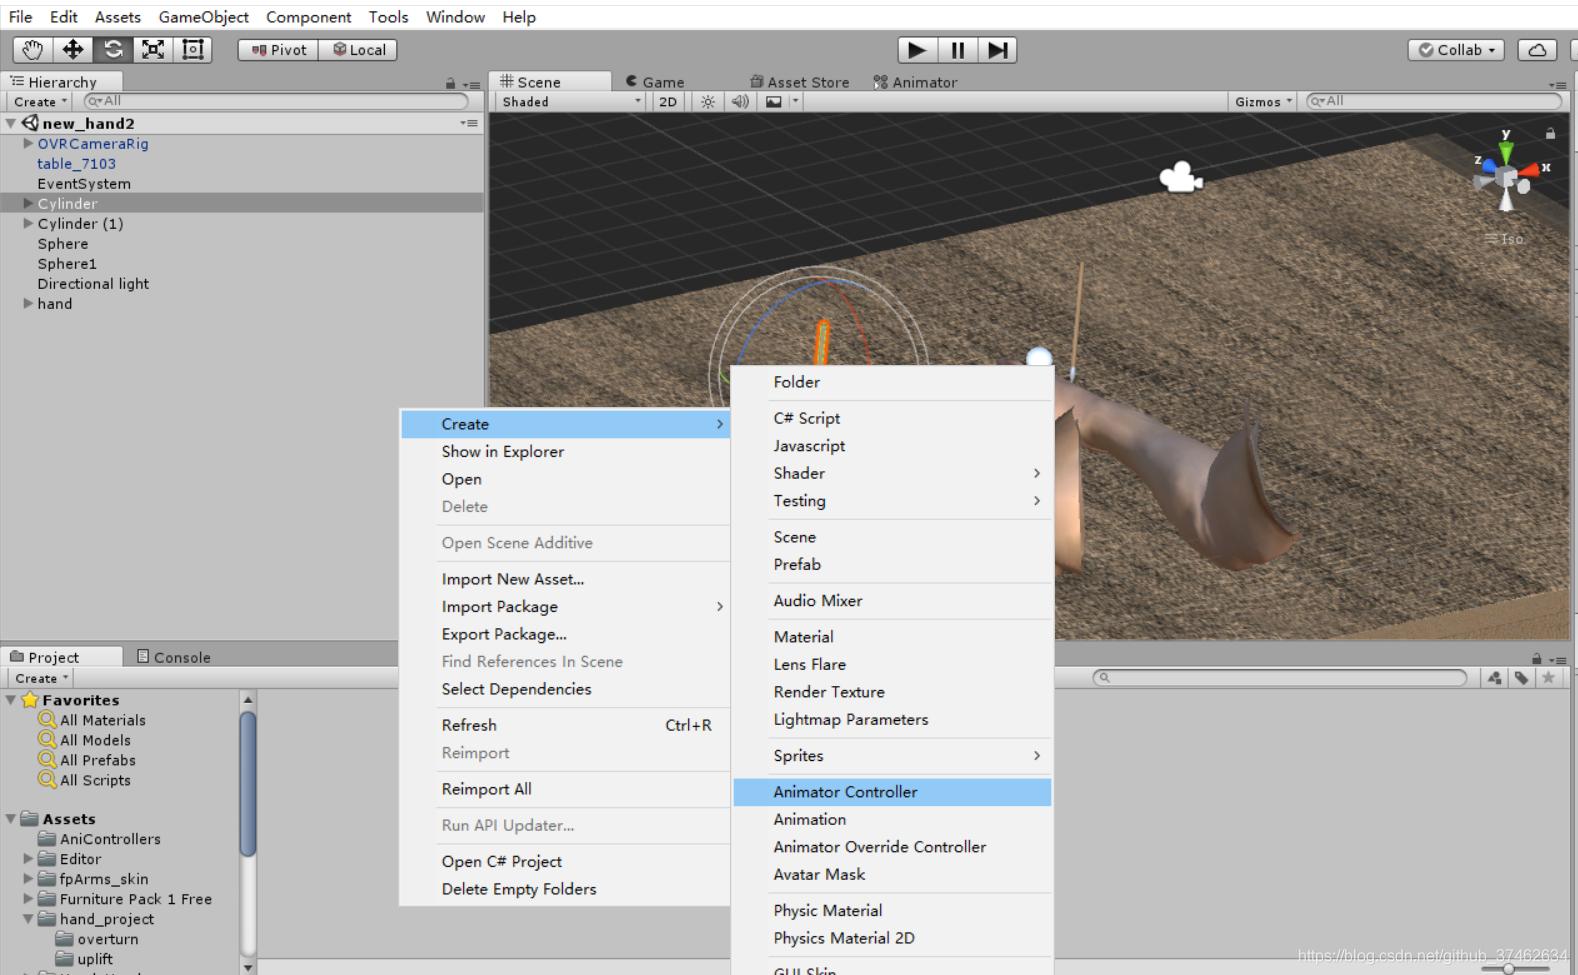 创建Animator Controller文件